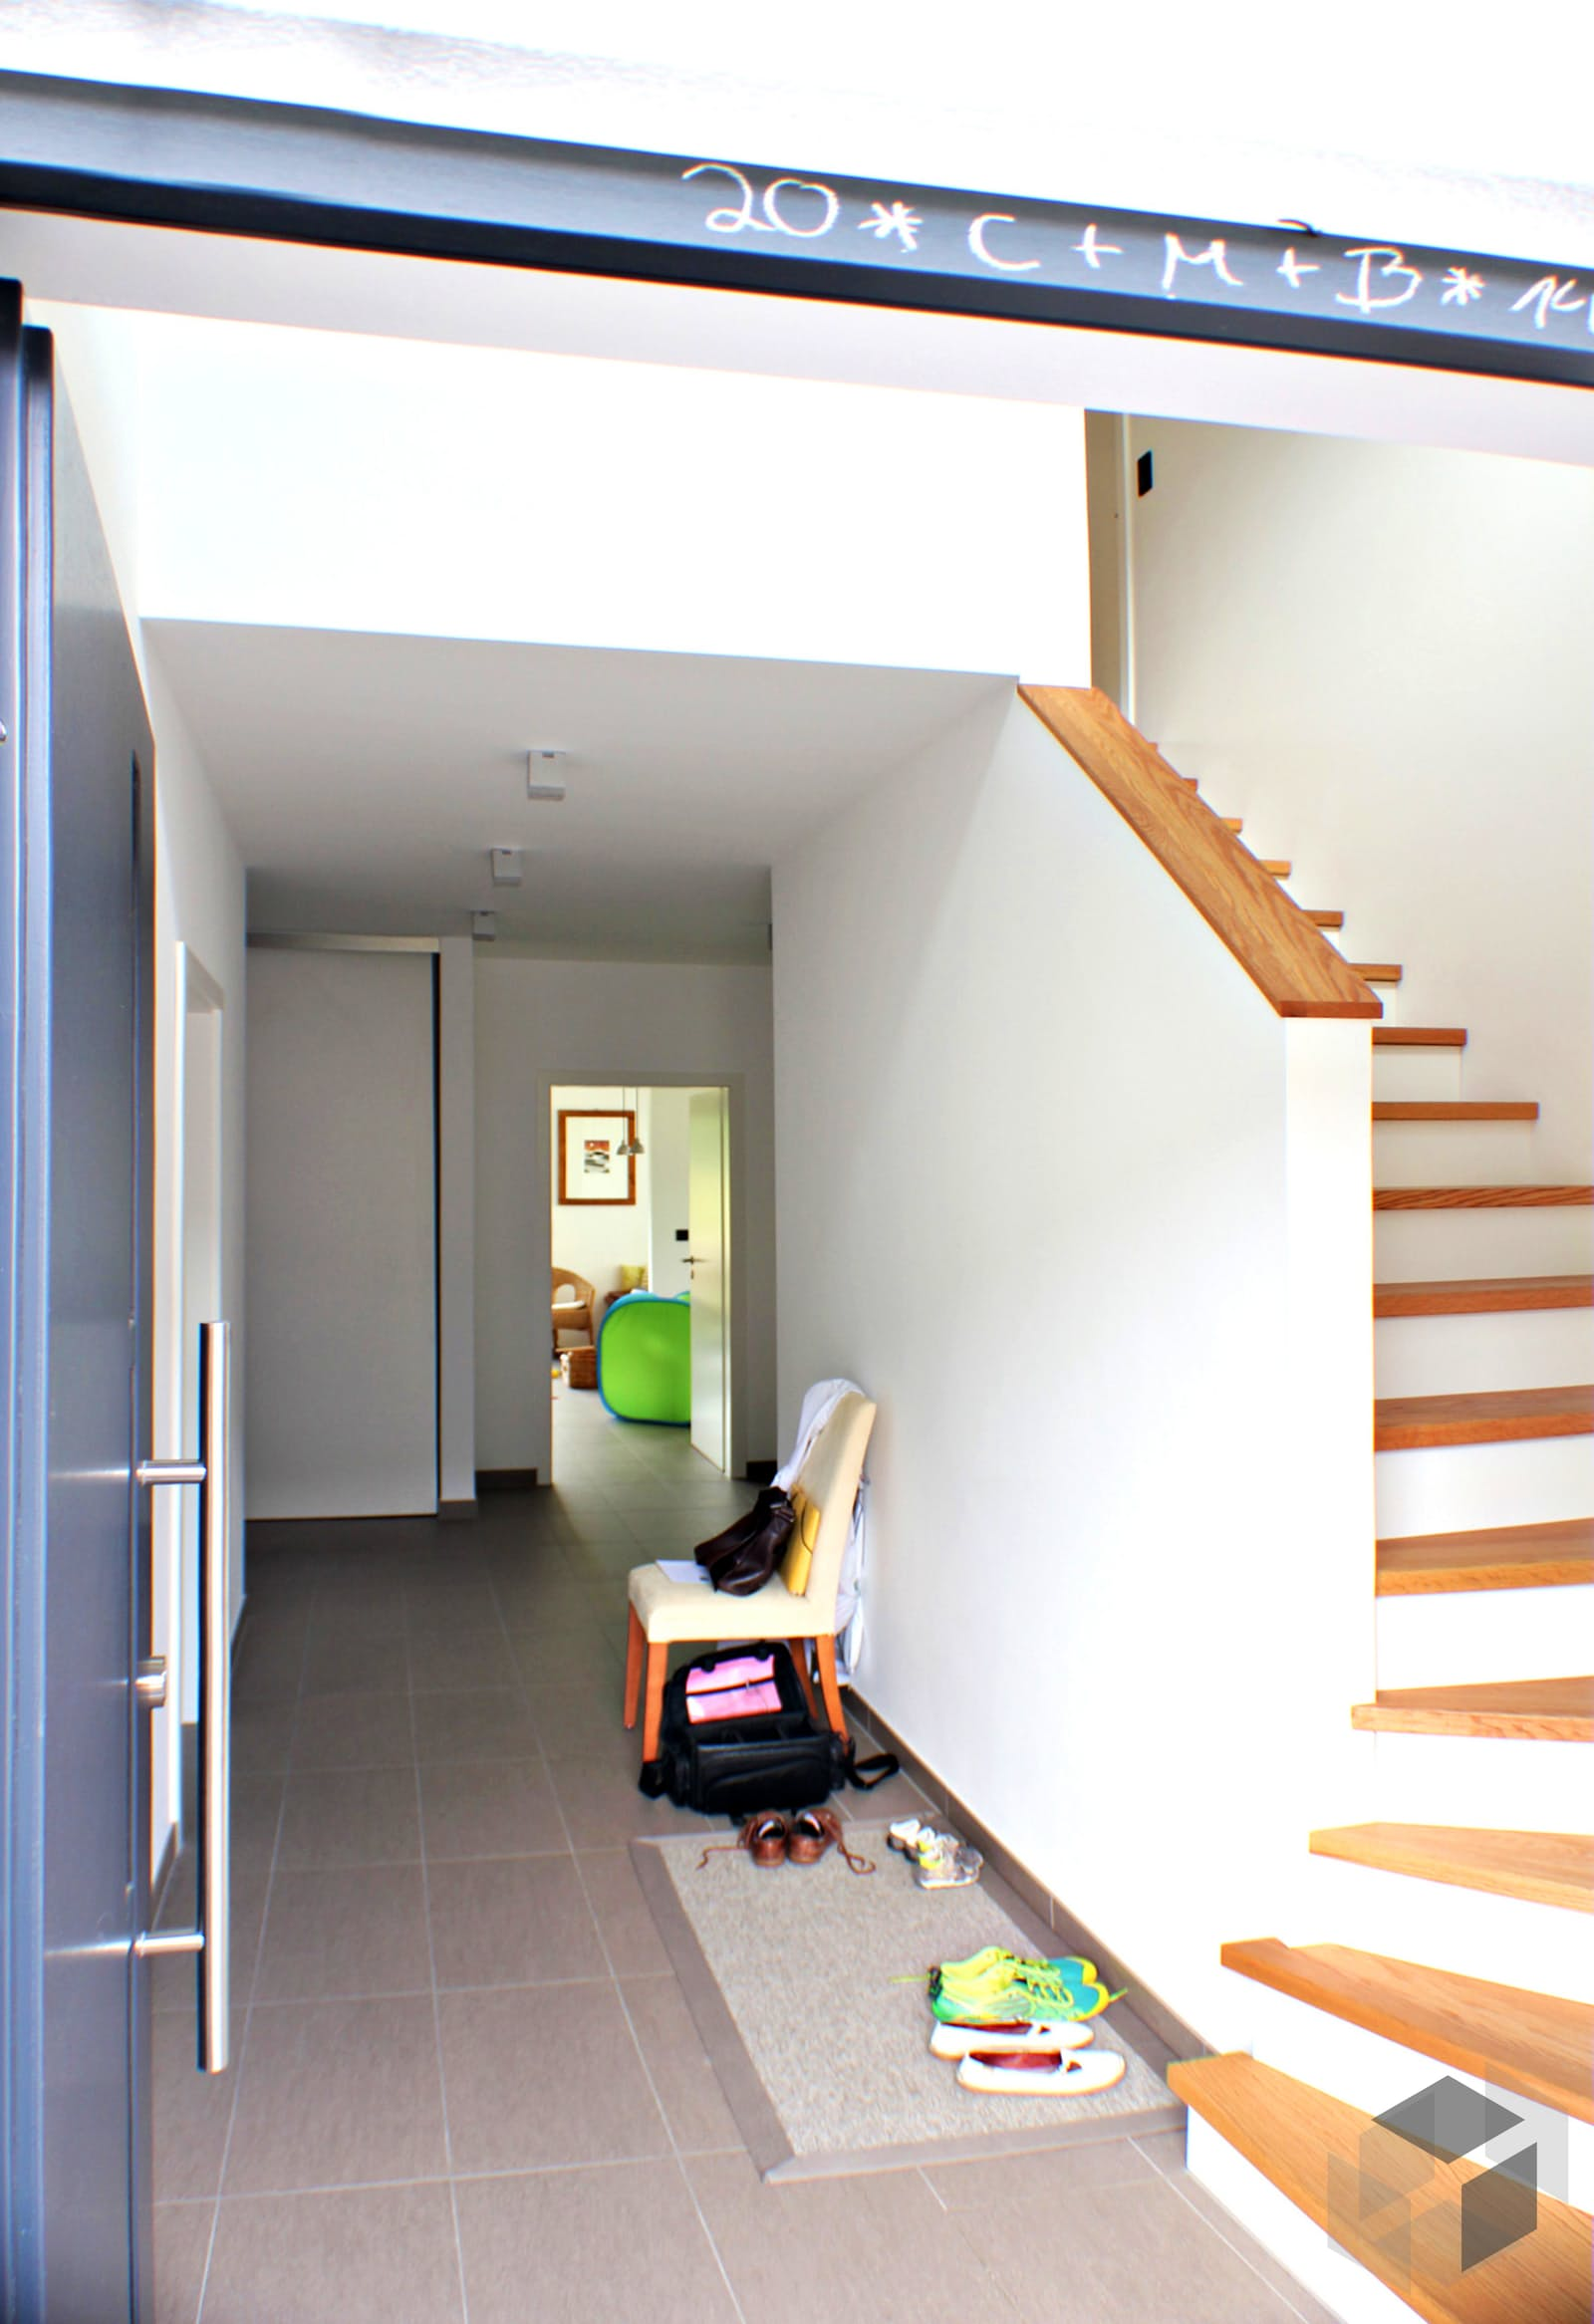 homestory 227 von lehner haus komplette daten bersicht. Black Bedroom Furniture Sets. Home Design Ideas